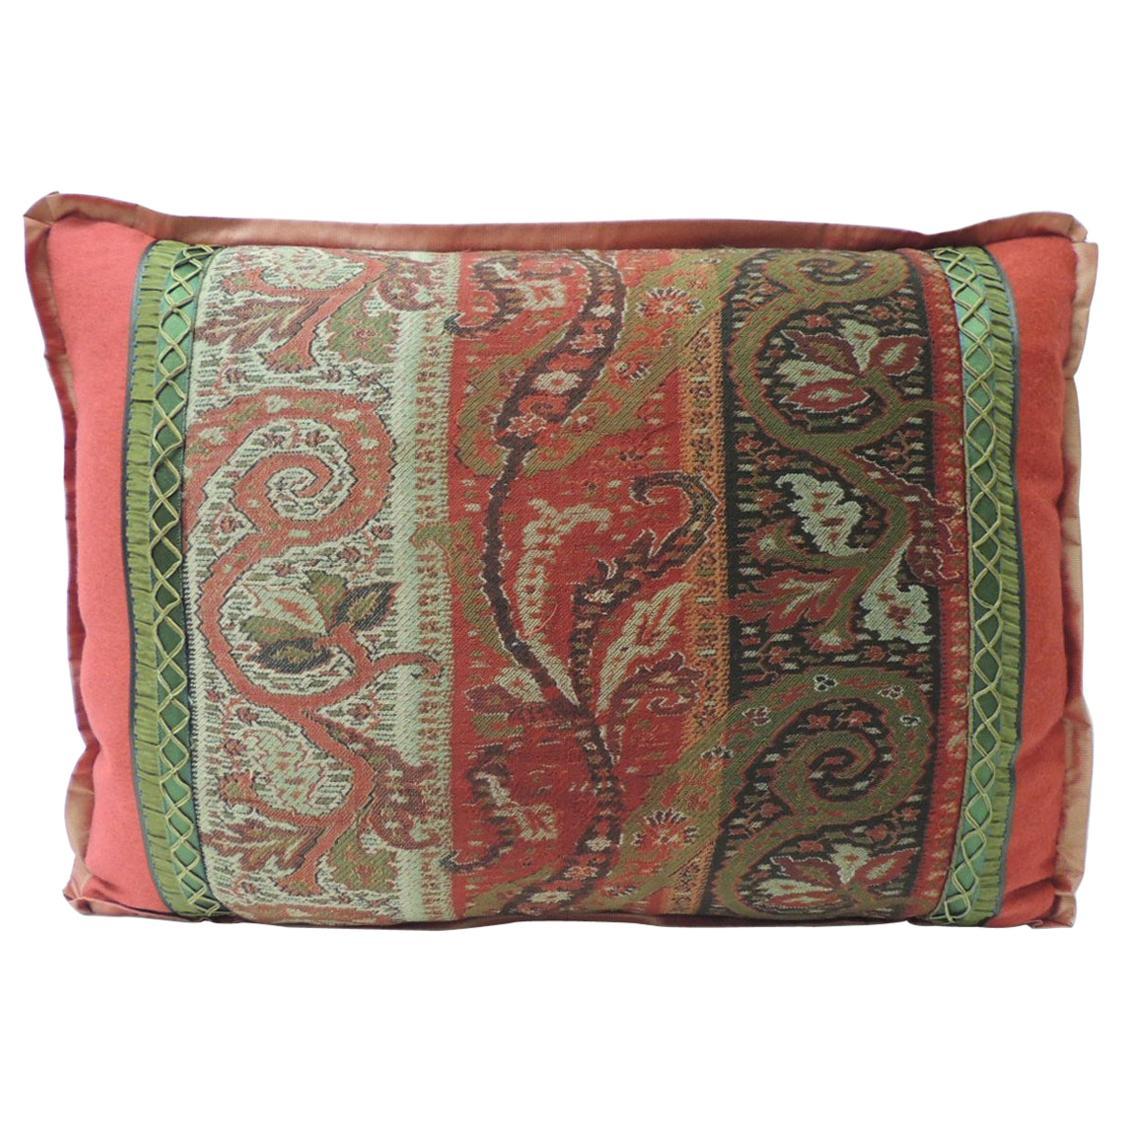 Antique Red and Black Kashmir Paisley Lumbar Decorative Pillow